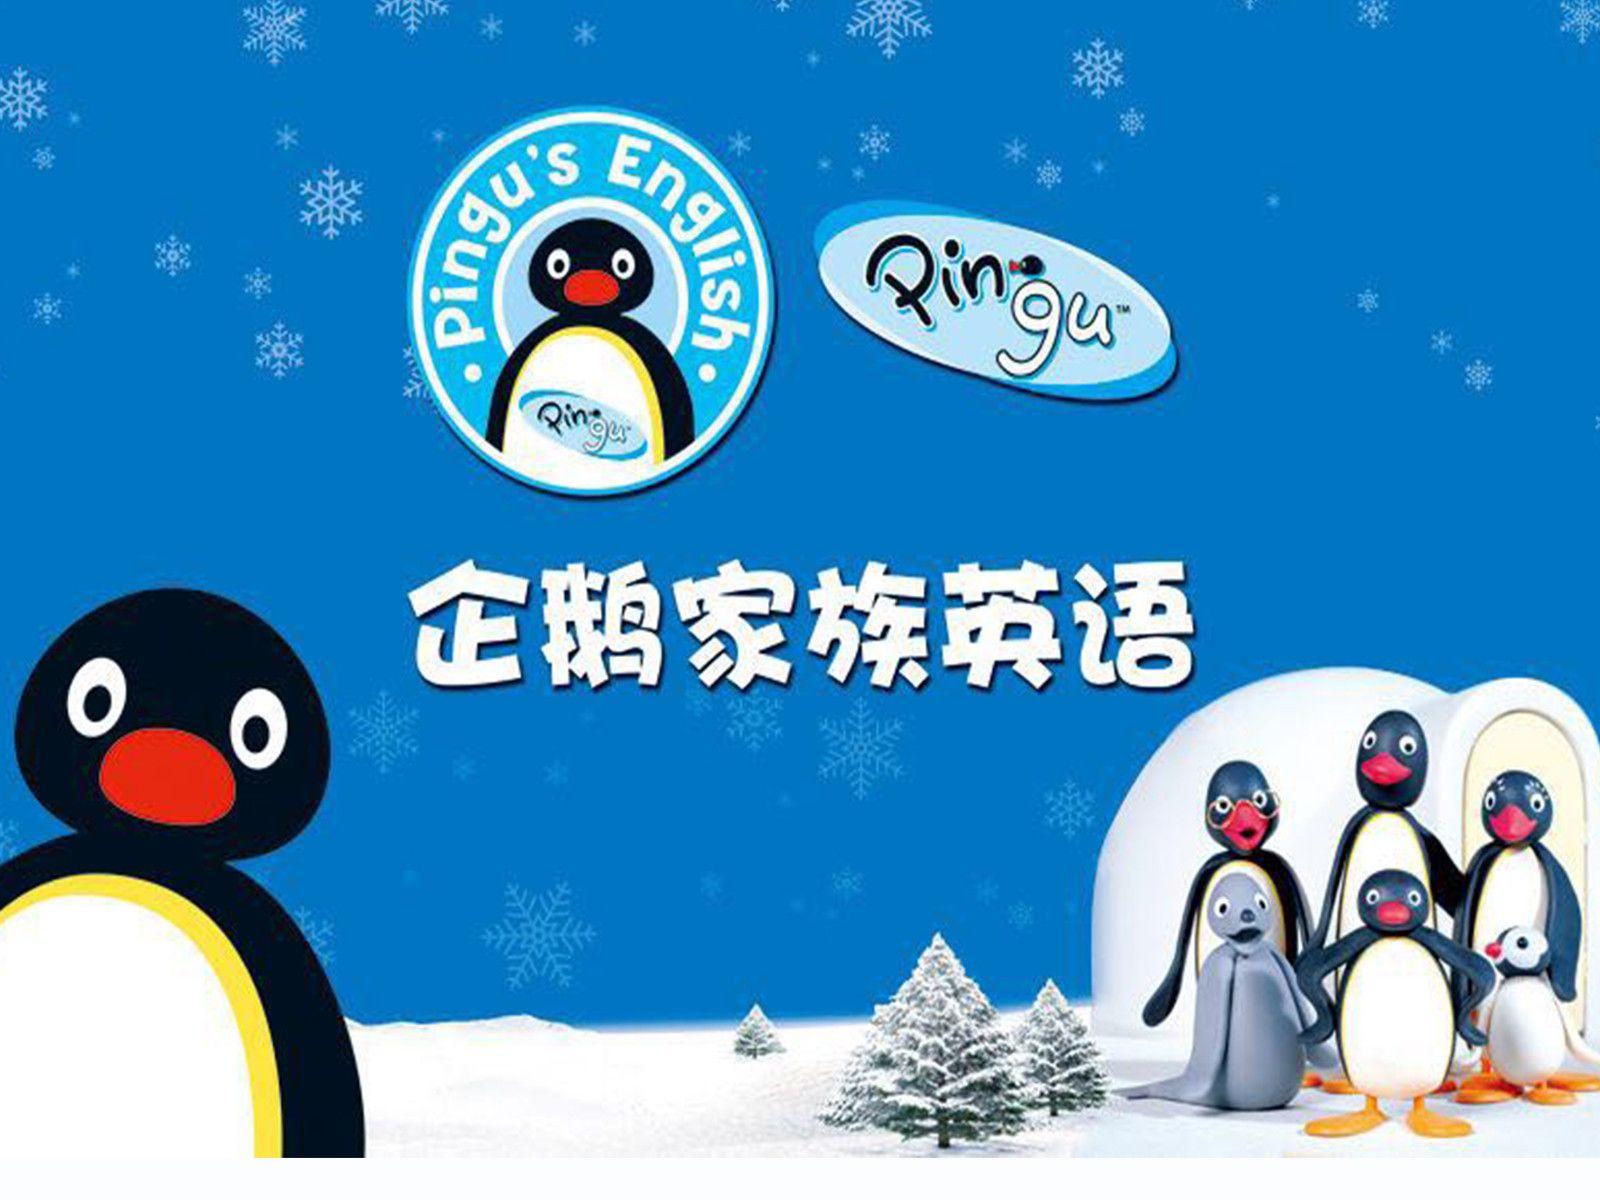 企鹅家族英语(万达中心)